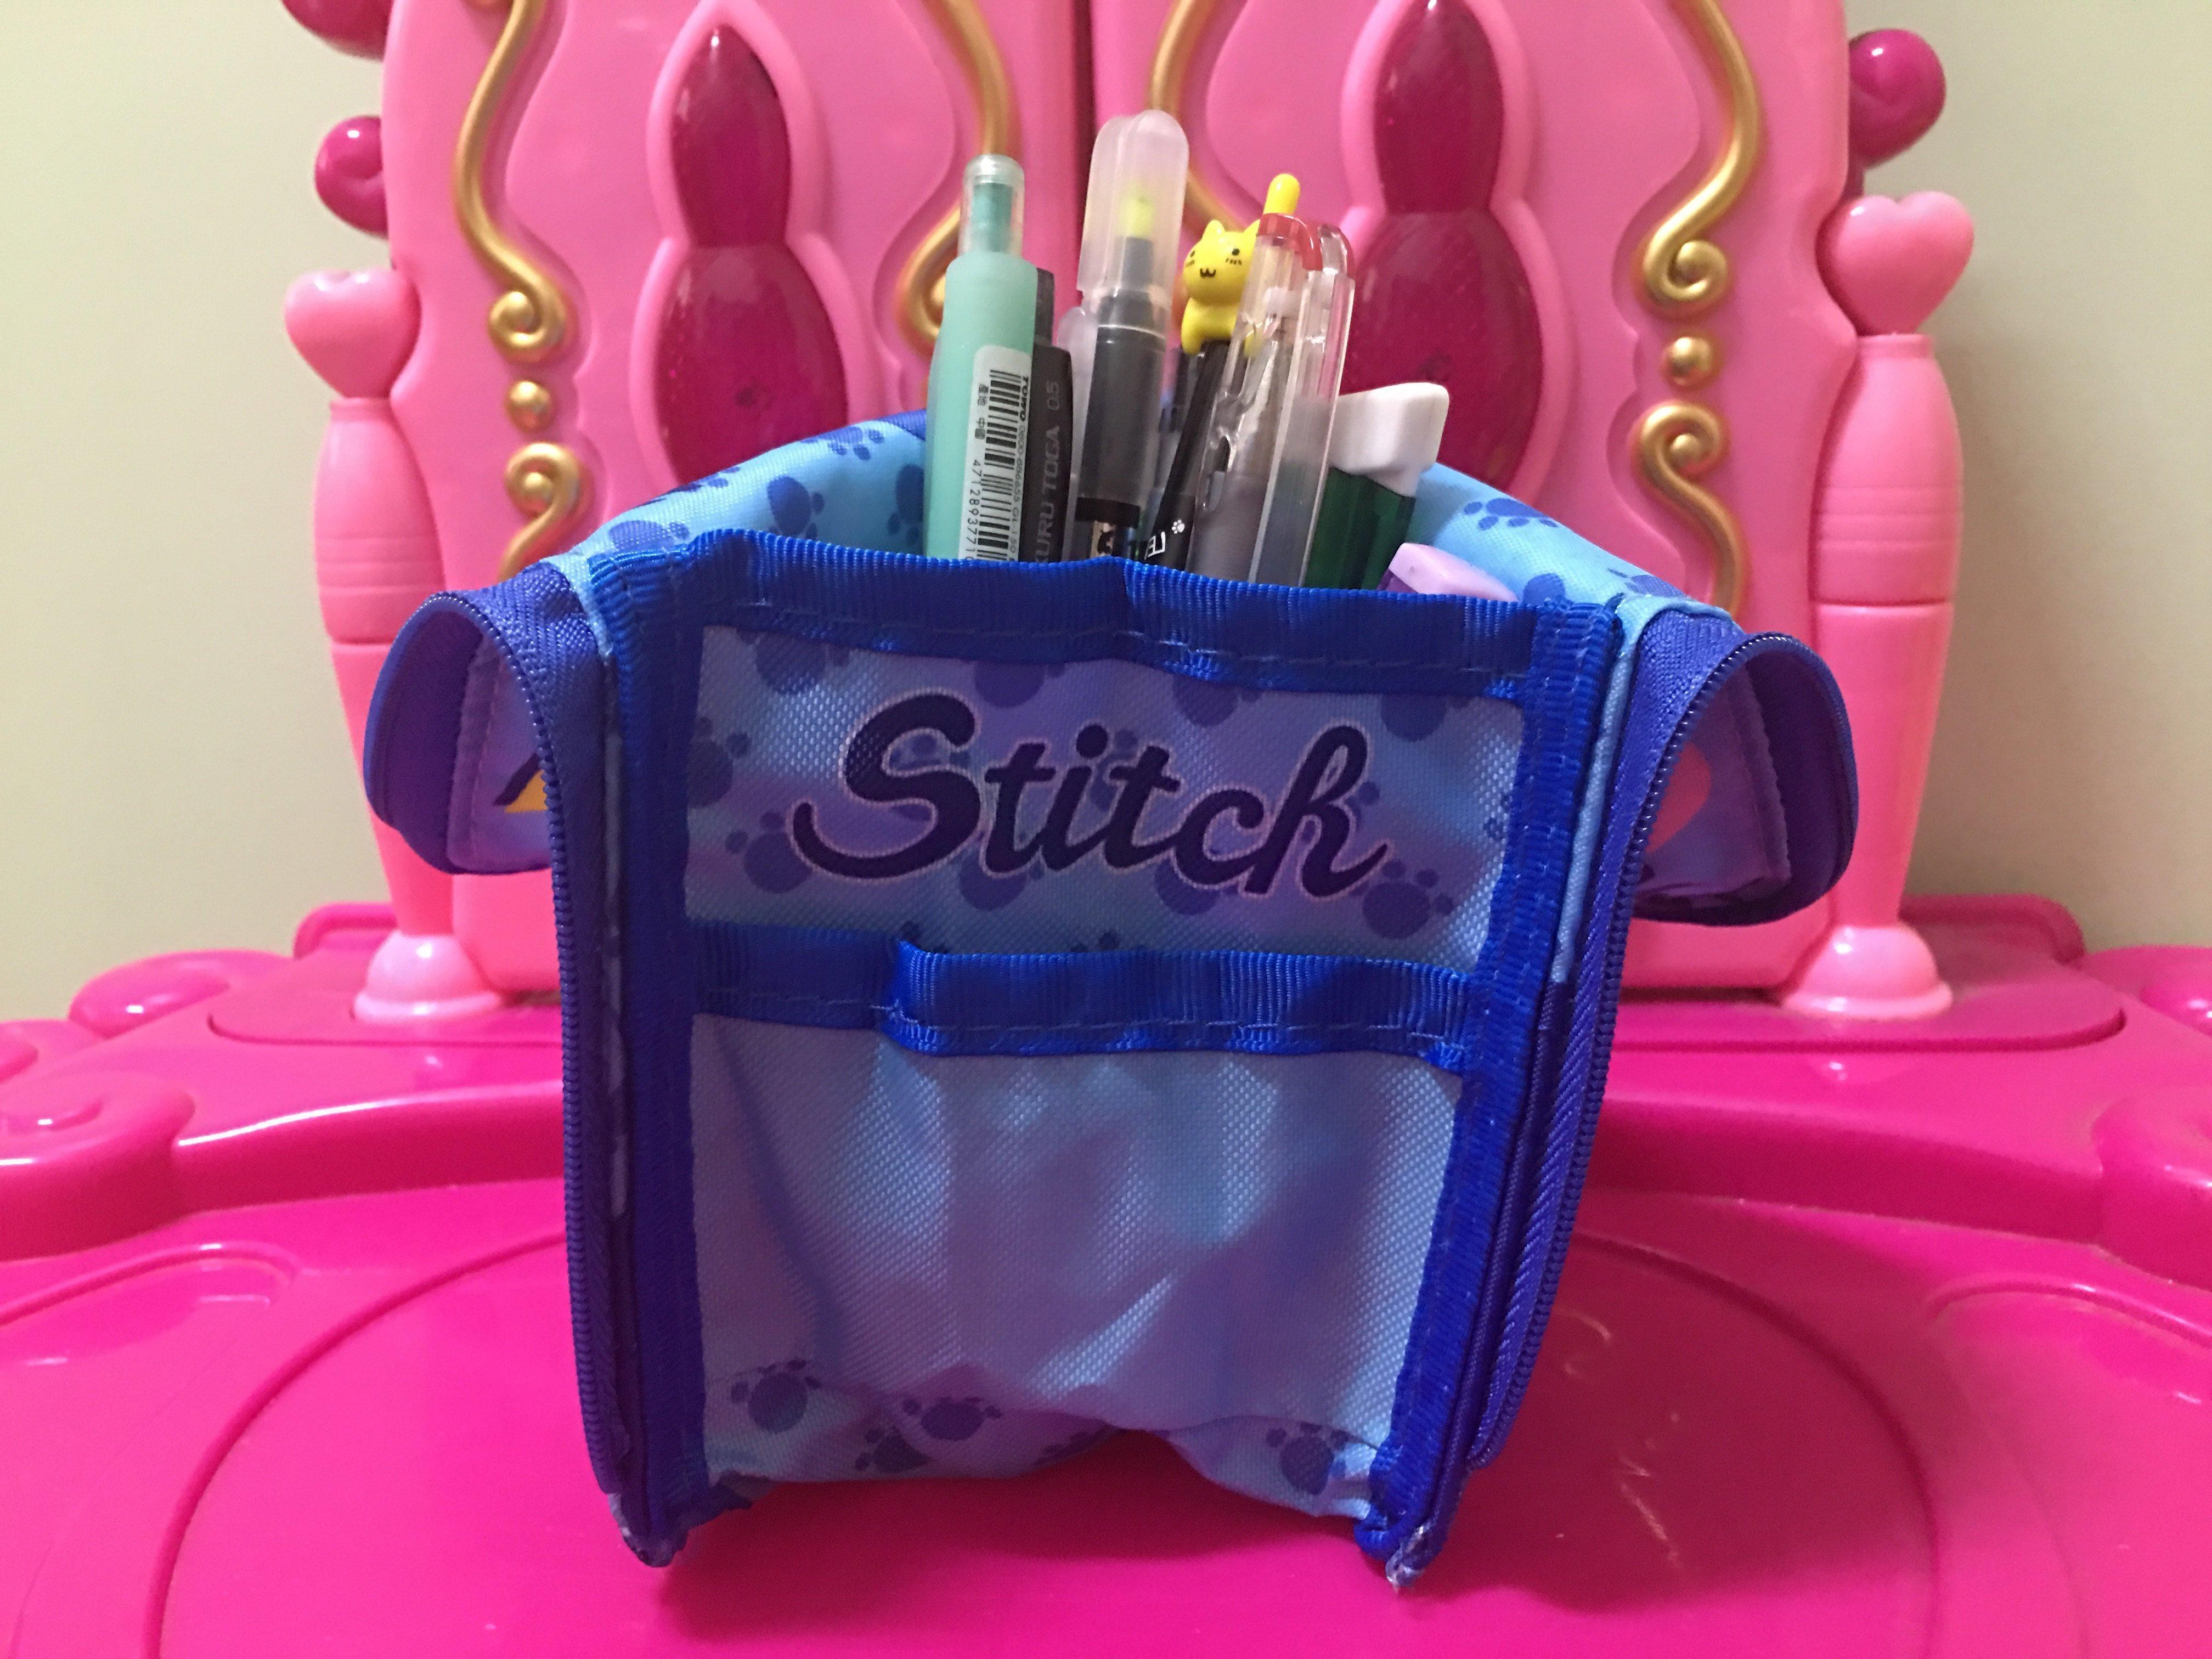 *1 2美人魚*迪士尼 冰雪奇緣 愛紗 米奇 文具 三角 立體 筆袋 筆筒  雙面 筆袋 站立 收納 刷具袋100元